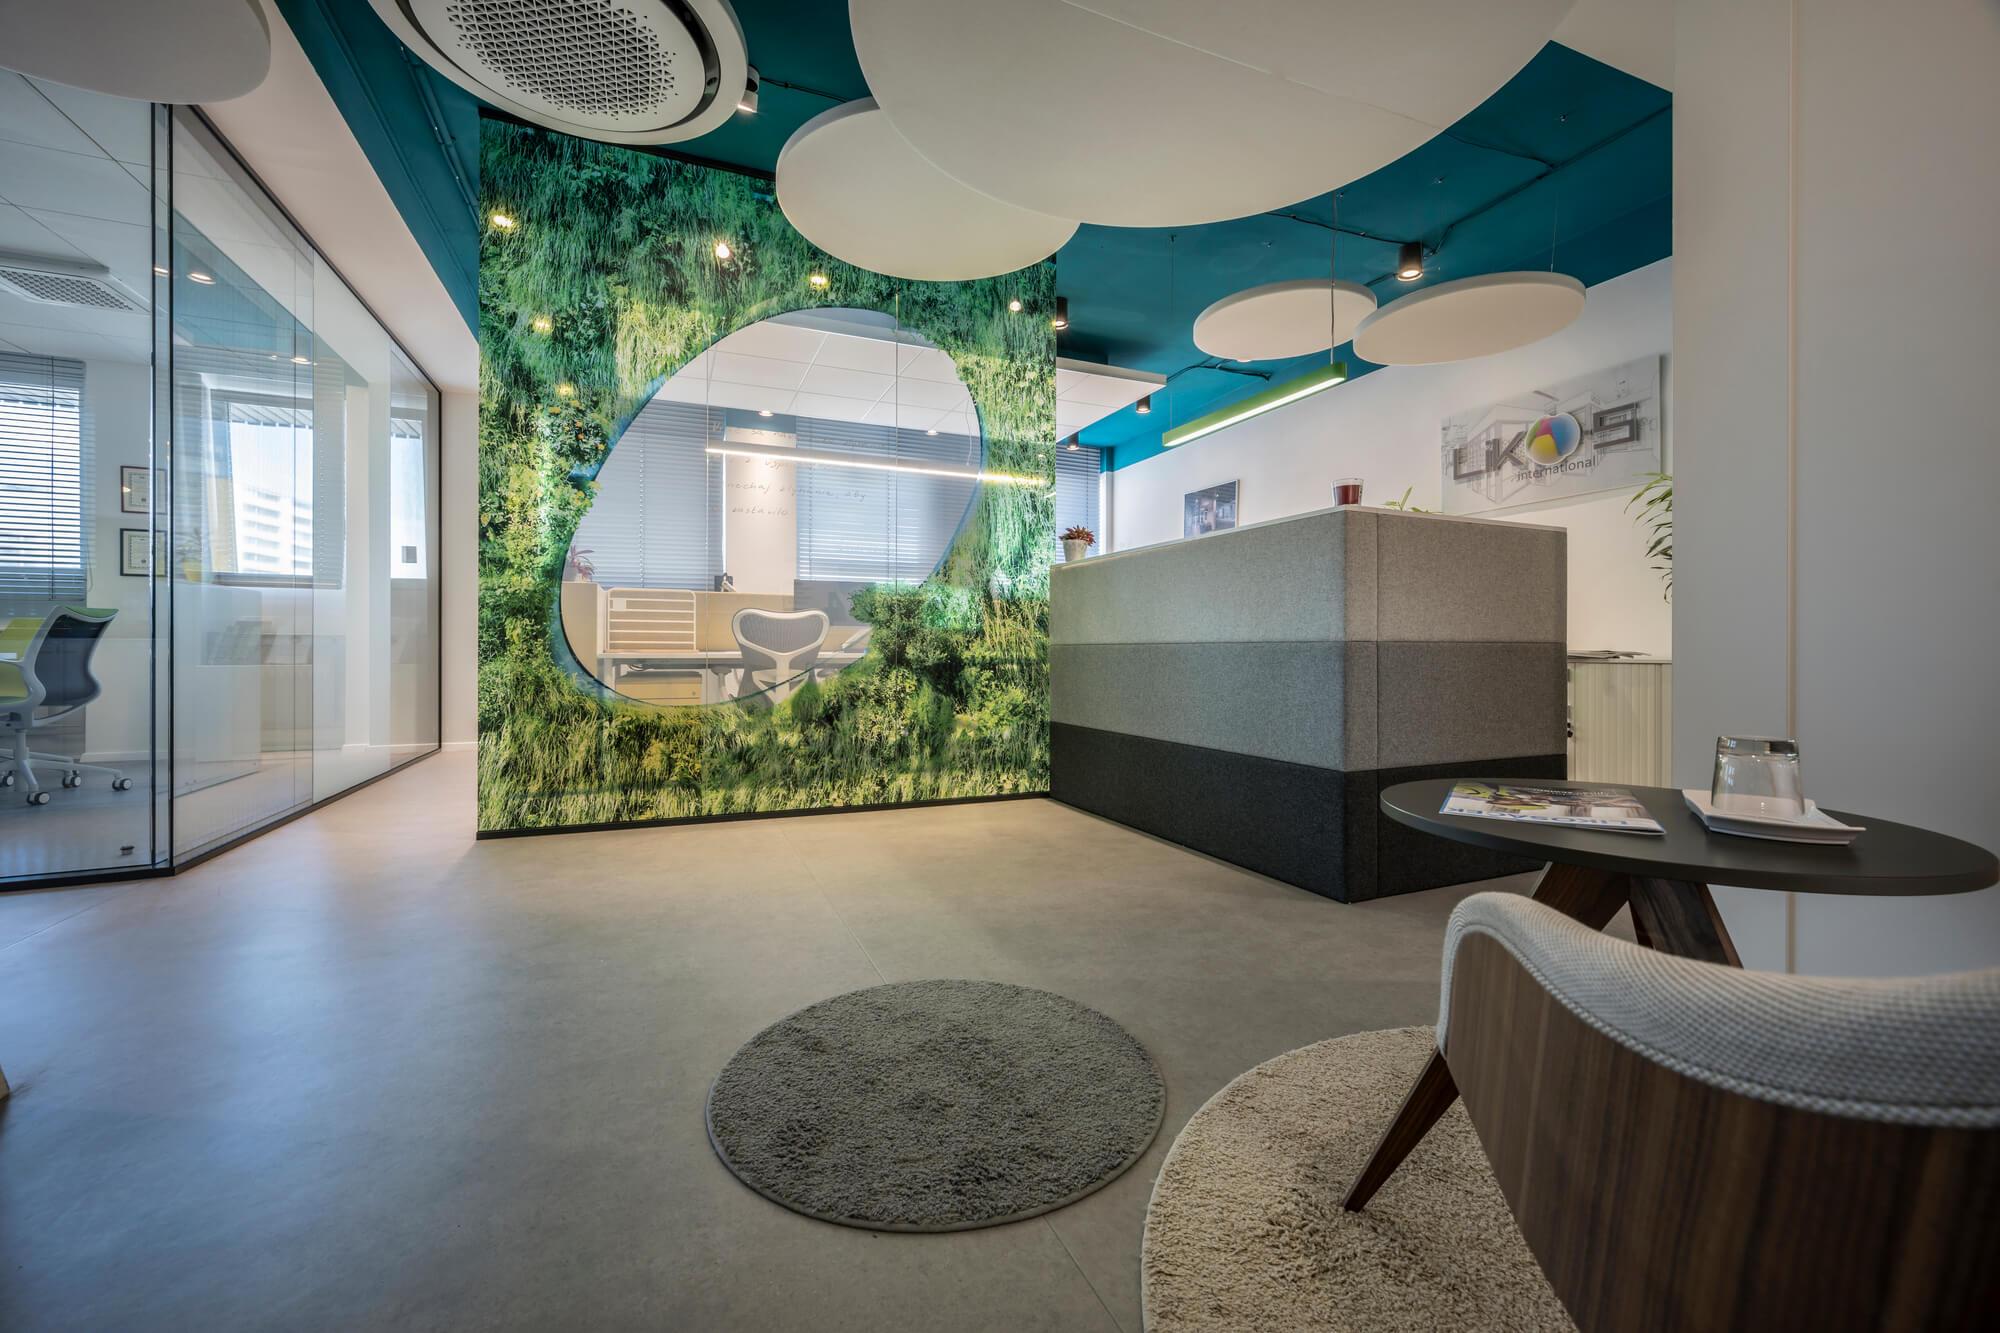 Kanceláře LIKO-S jako showroom